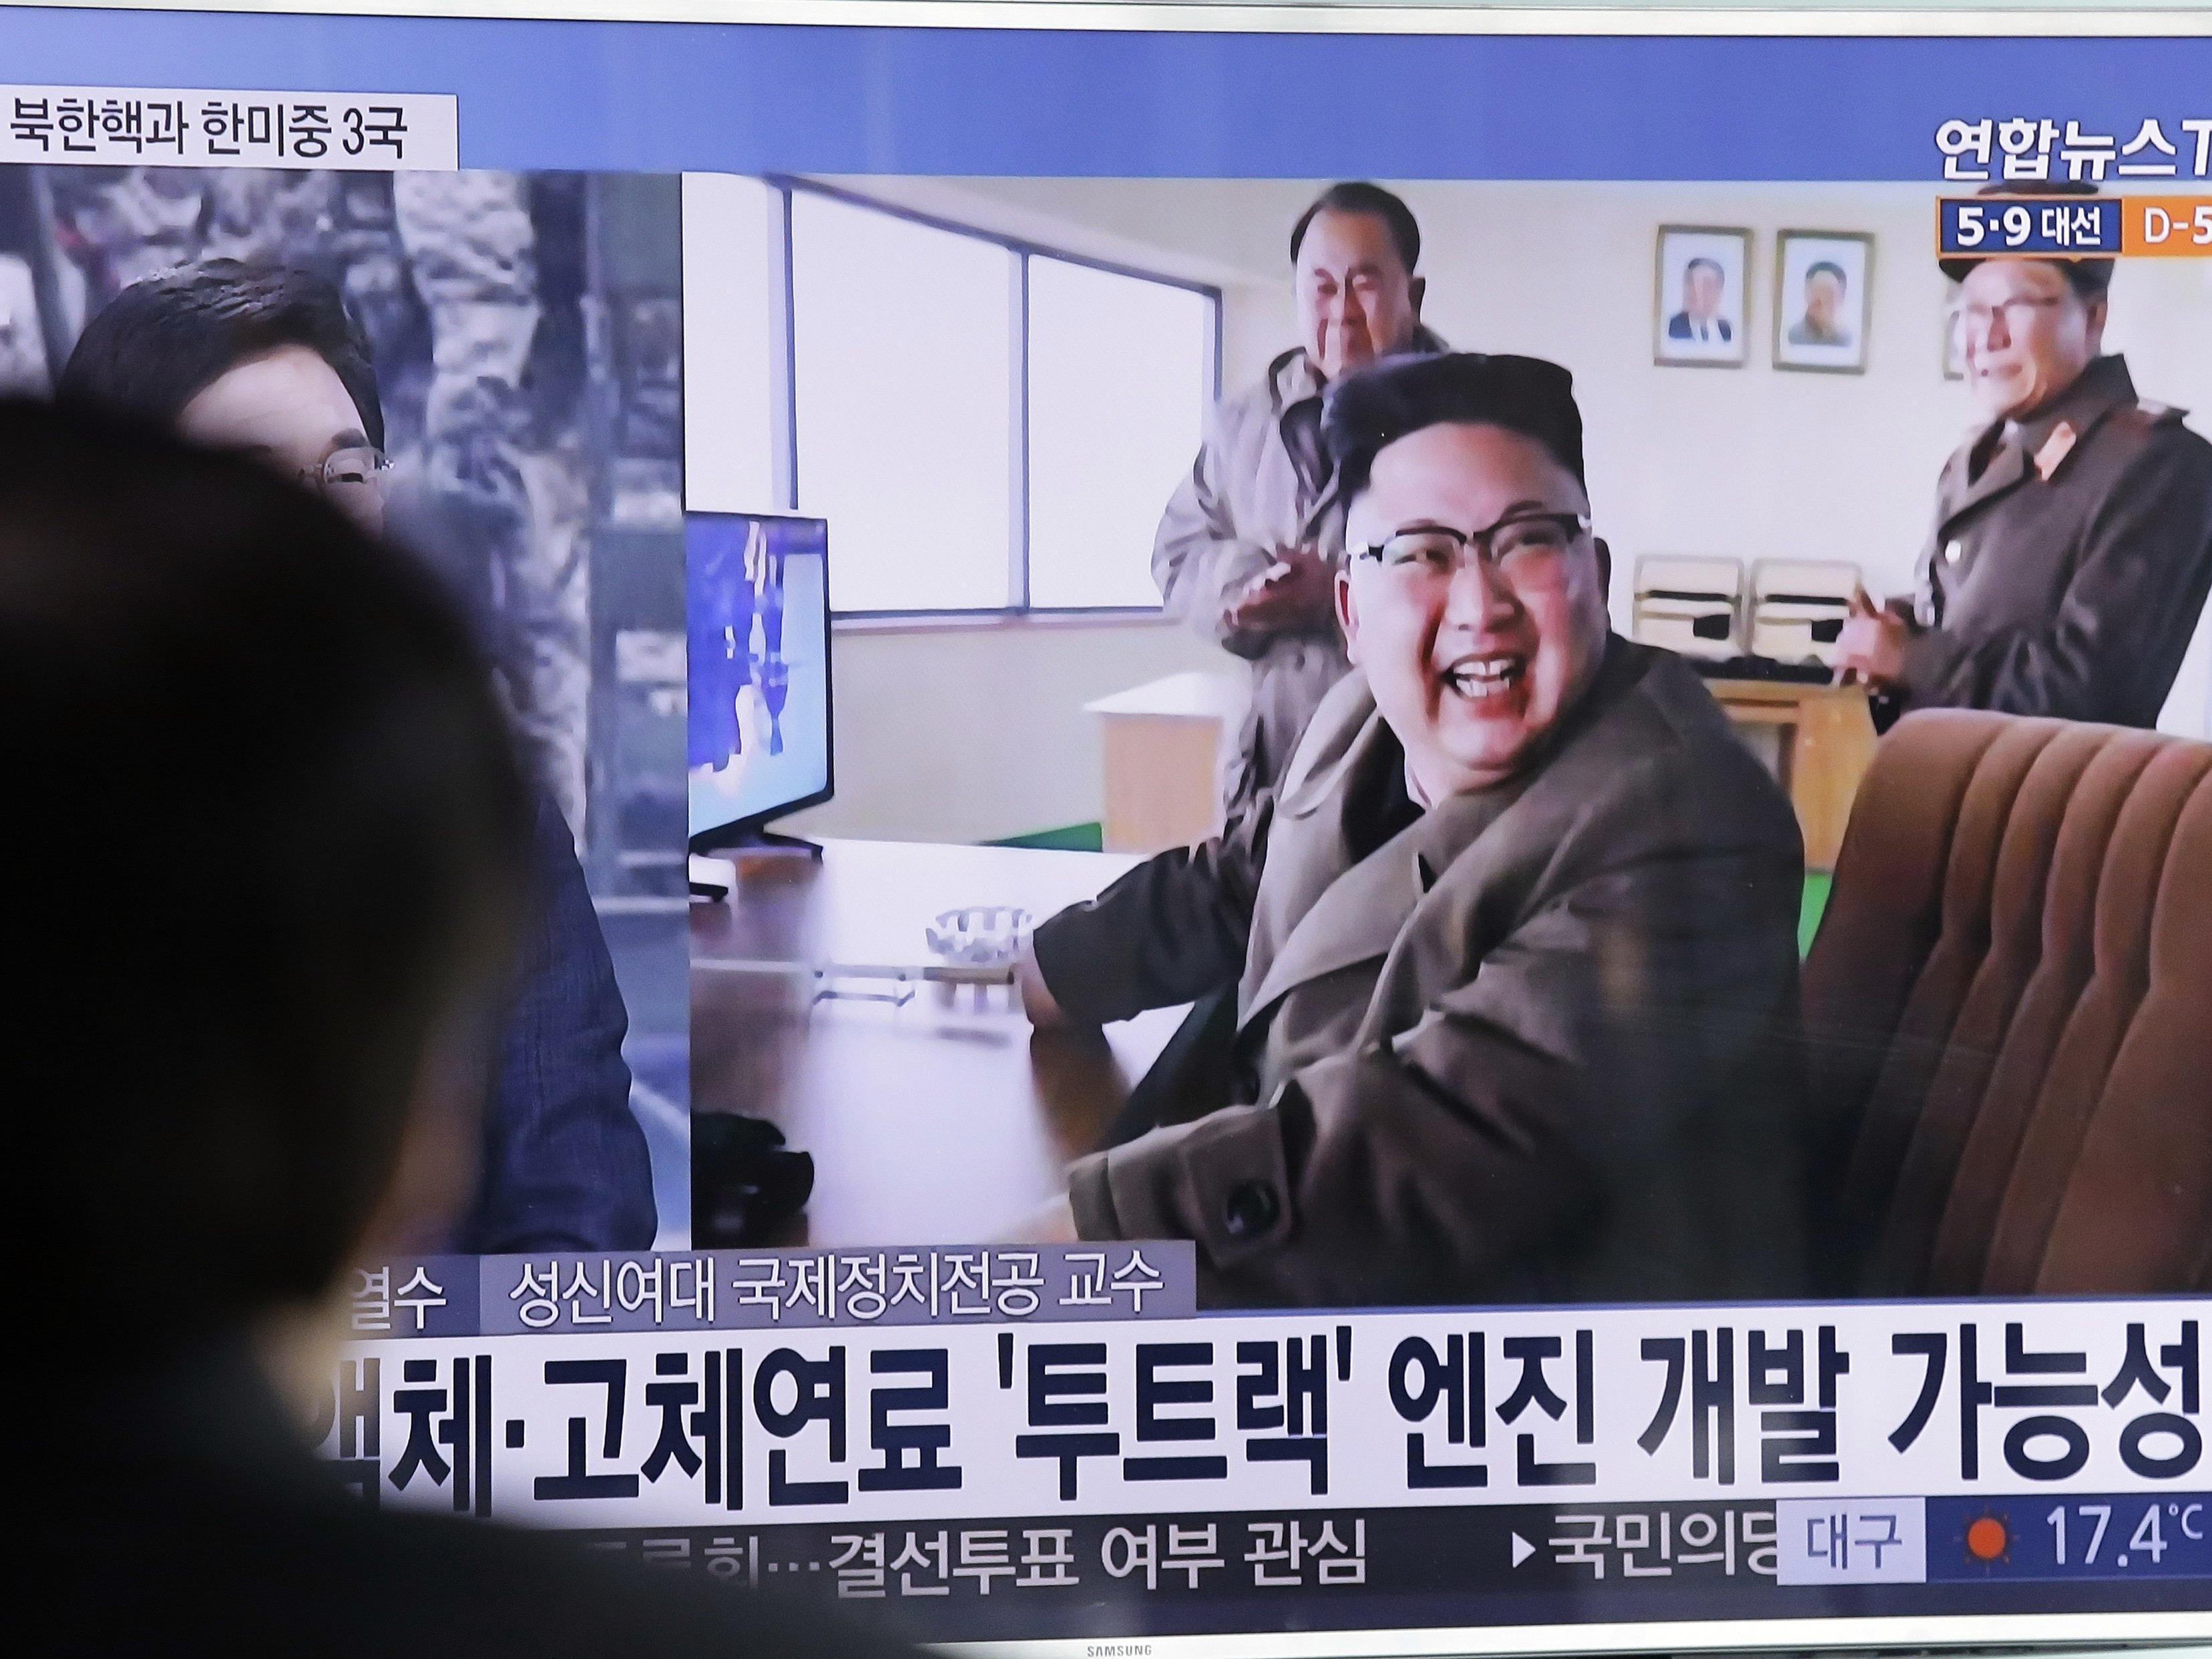 Wenn China und die USA sich streiten, könnte Kim Jong-Un der lachende Dritte sein.